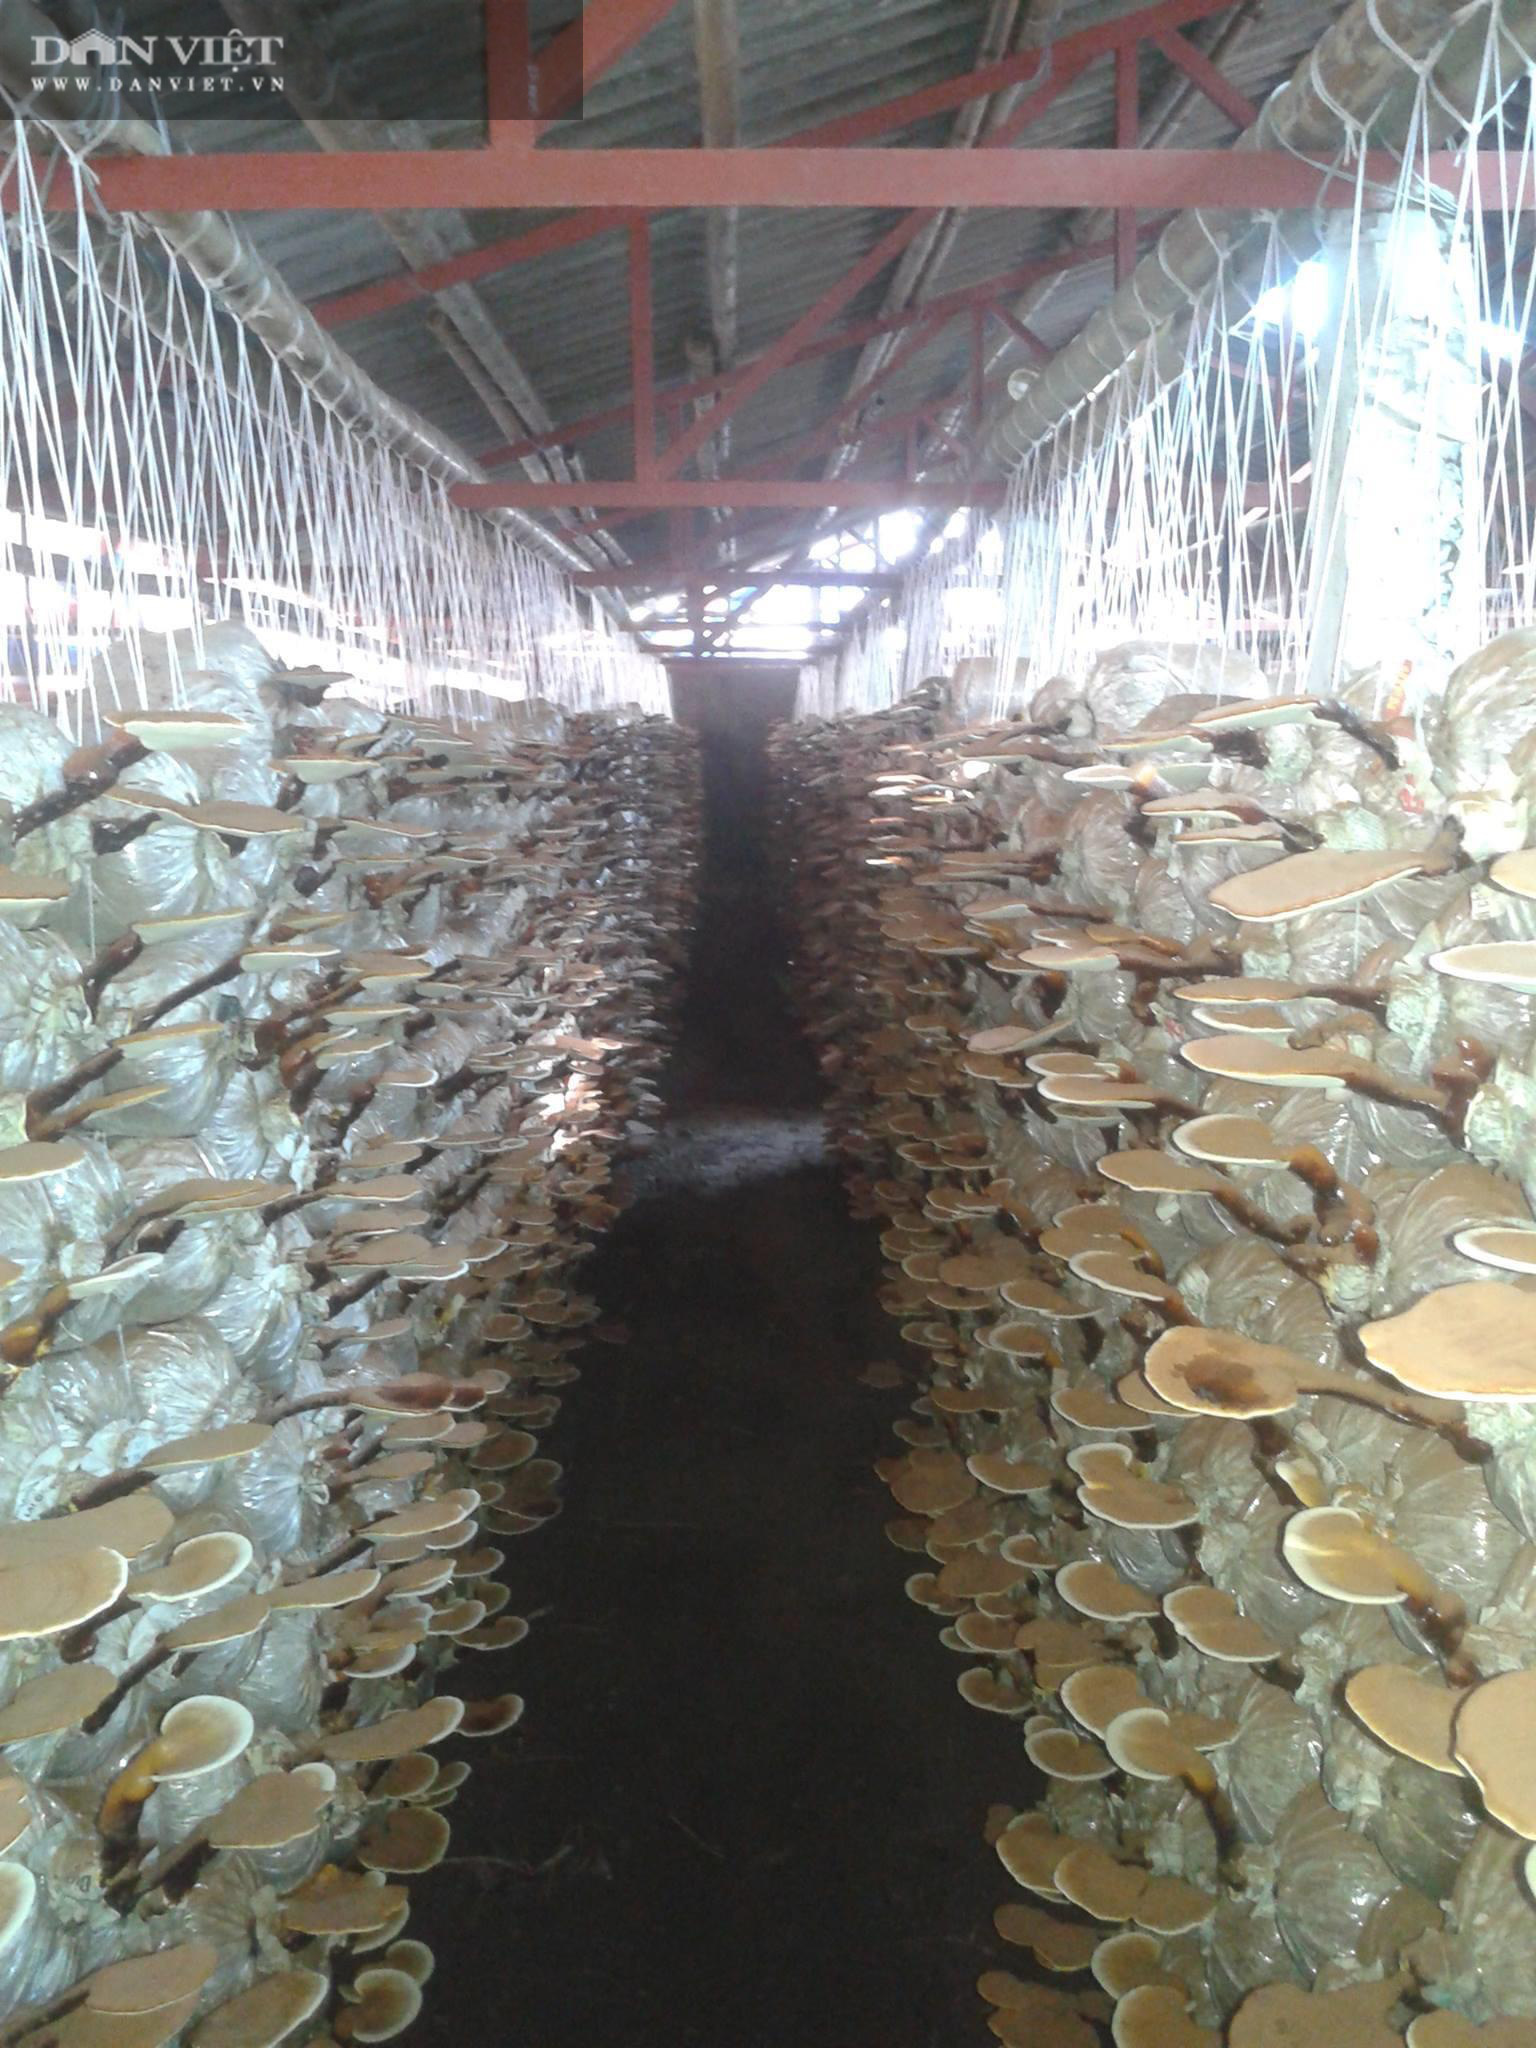 Trồng thứ cây nhìn như nhũ đá, lão nông thu hoạch tiền tỷ mỗi năm - Ảnh 4.